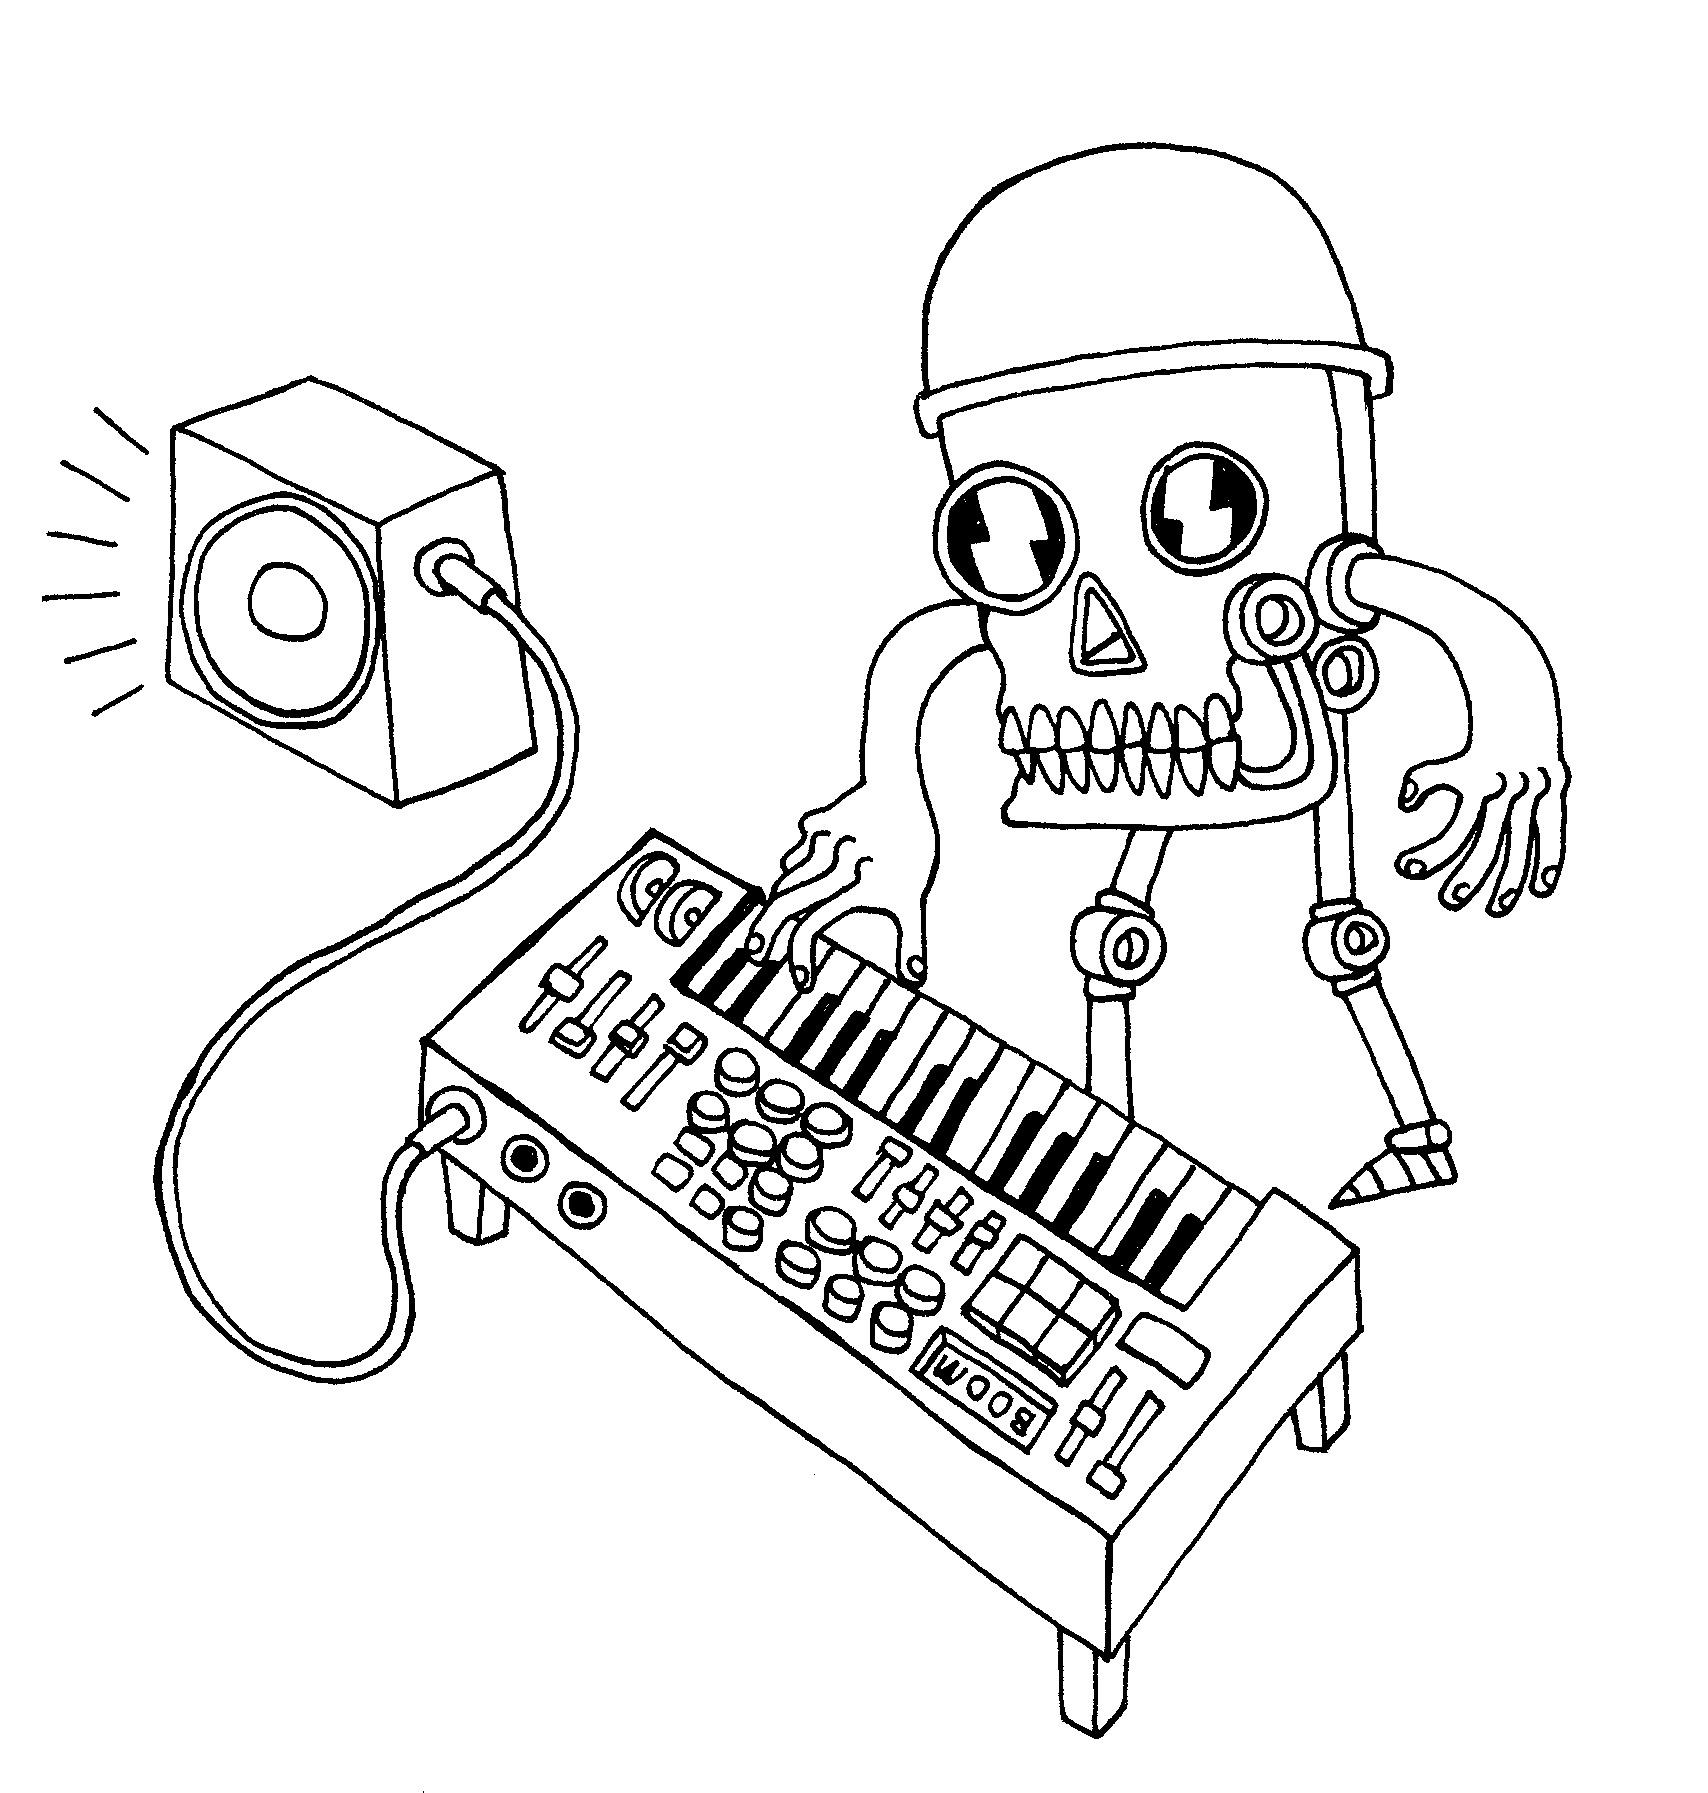 Machine music! BluntPacers robo - bluntpacers | ello